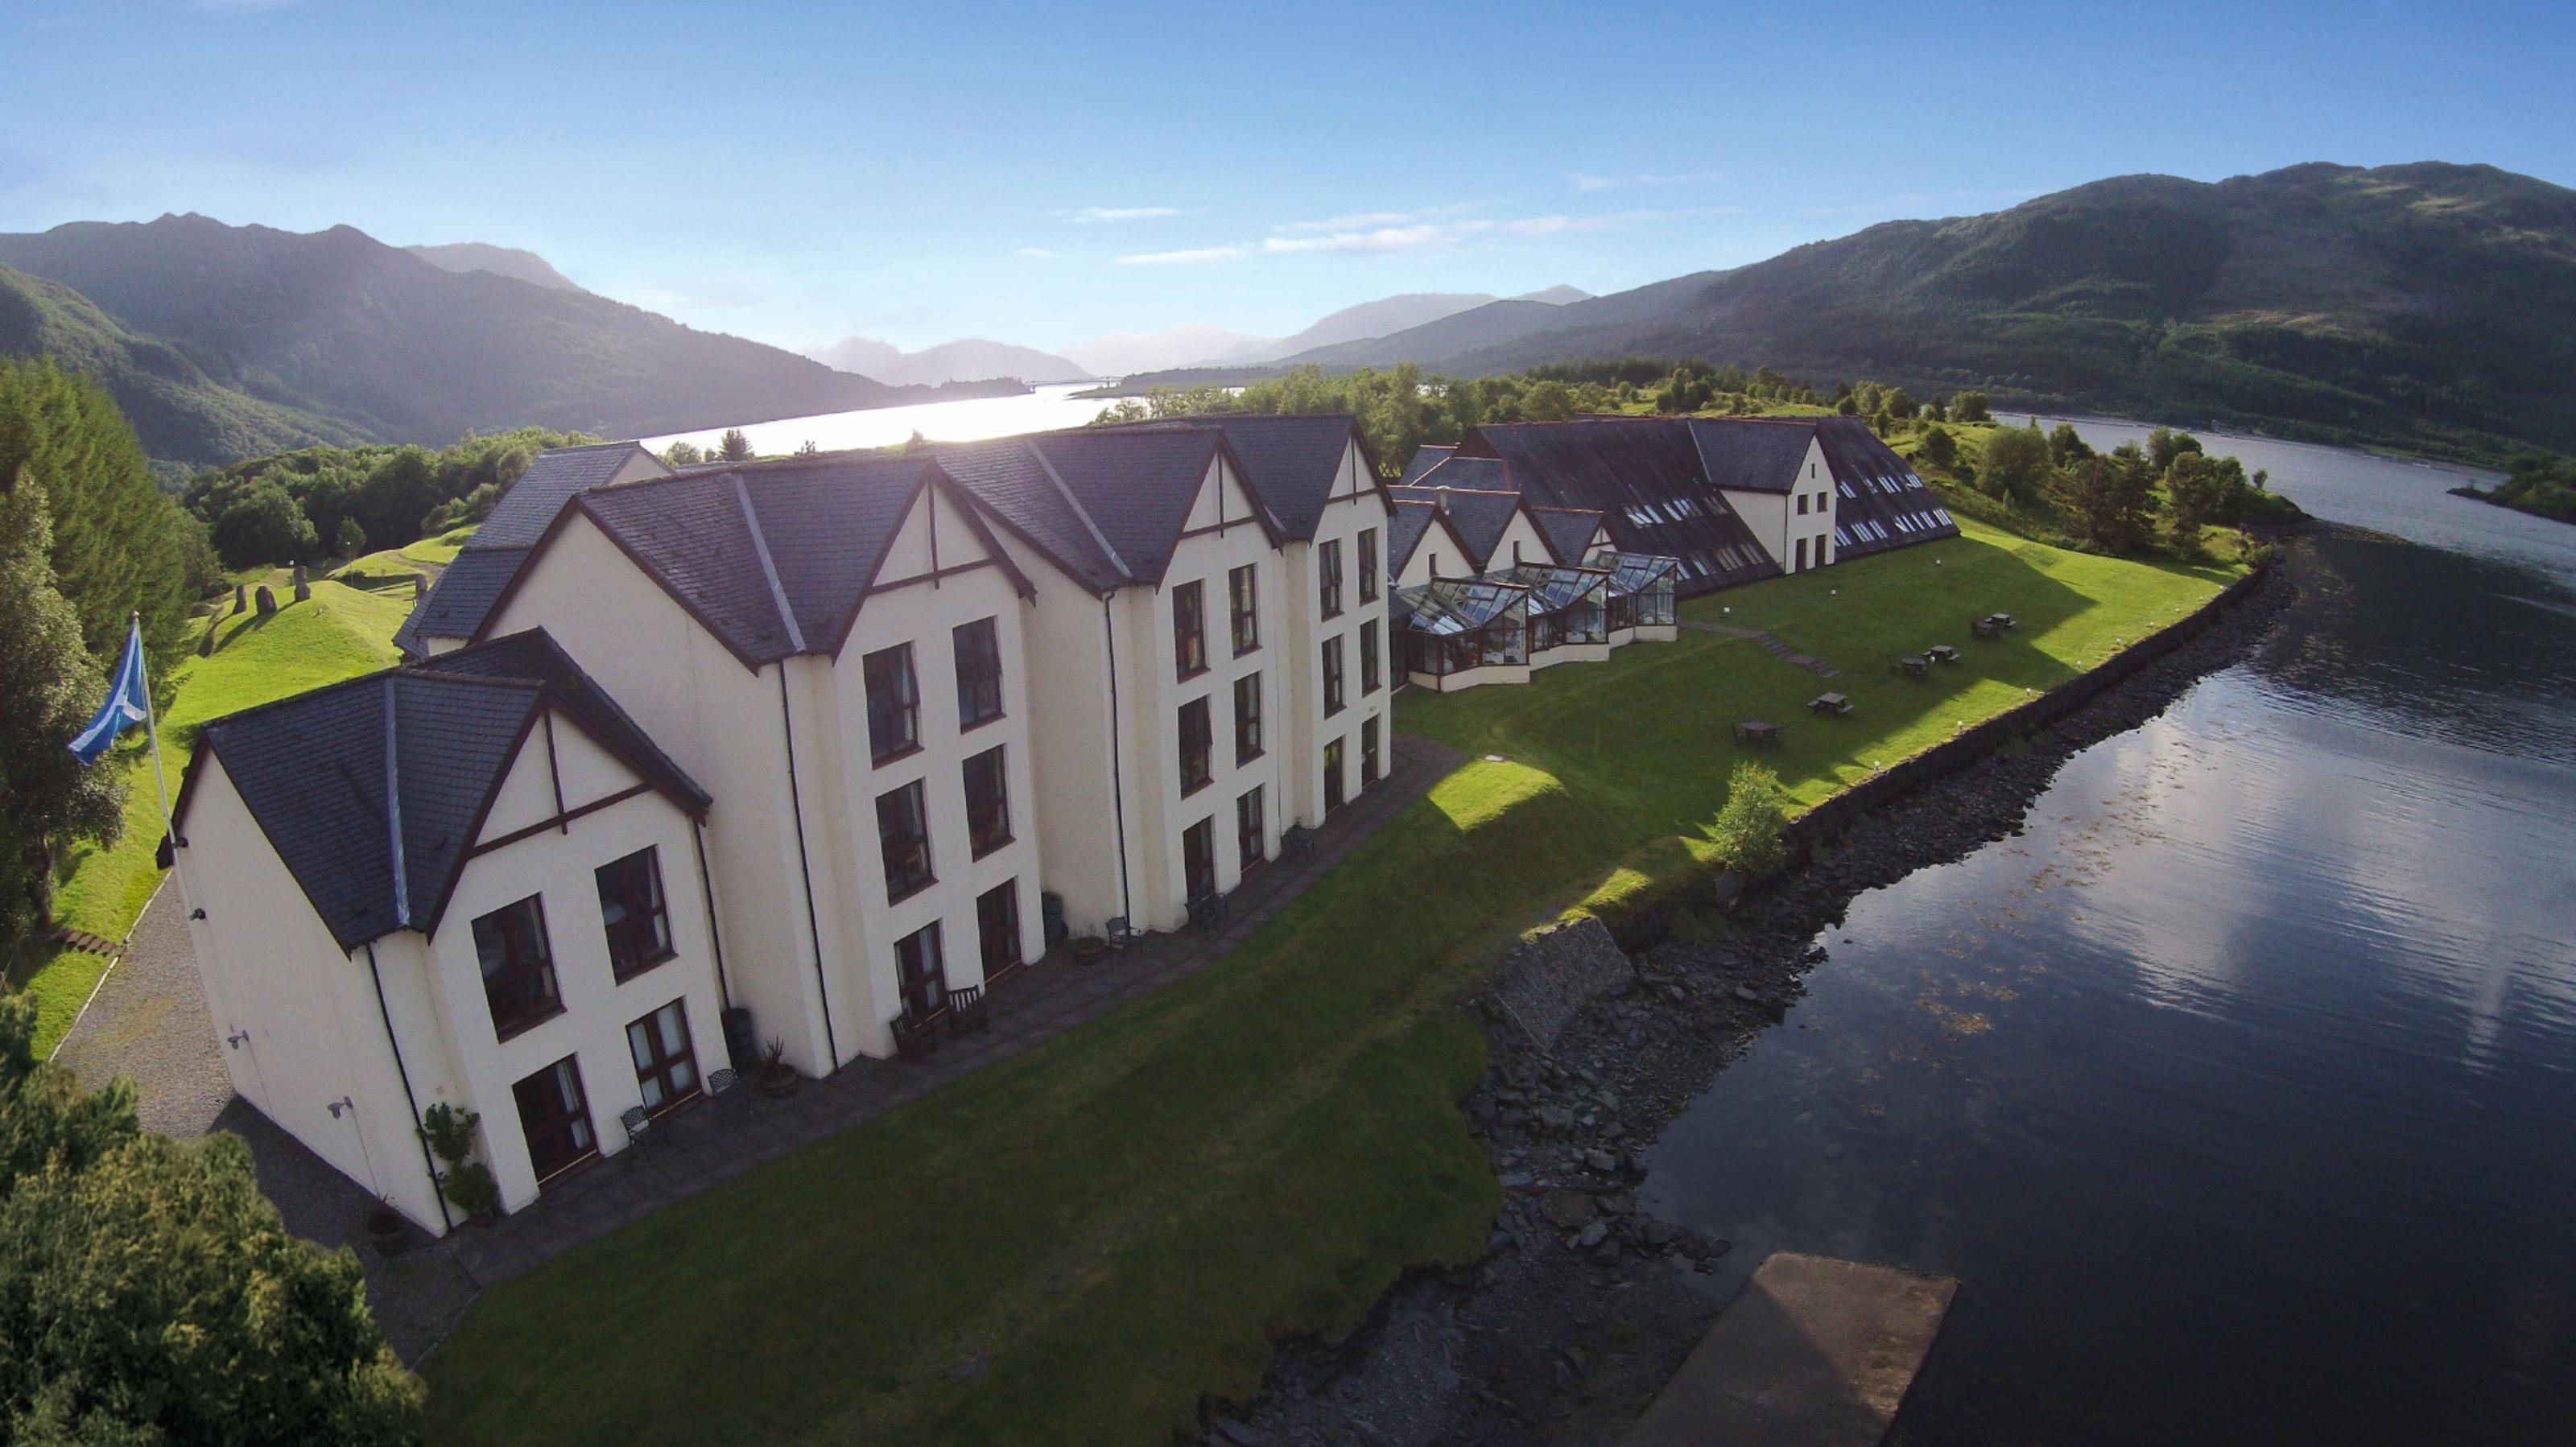 Isles of Glencoe Hotel DCIM100MEDIA